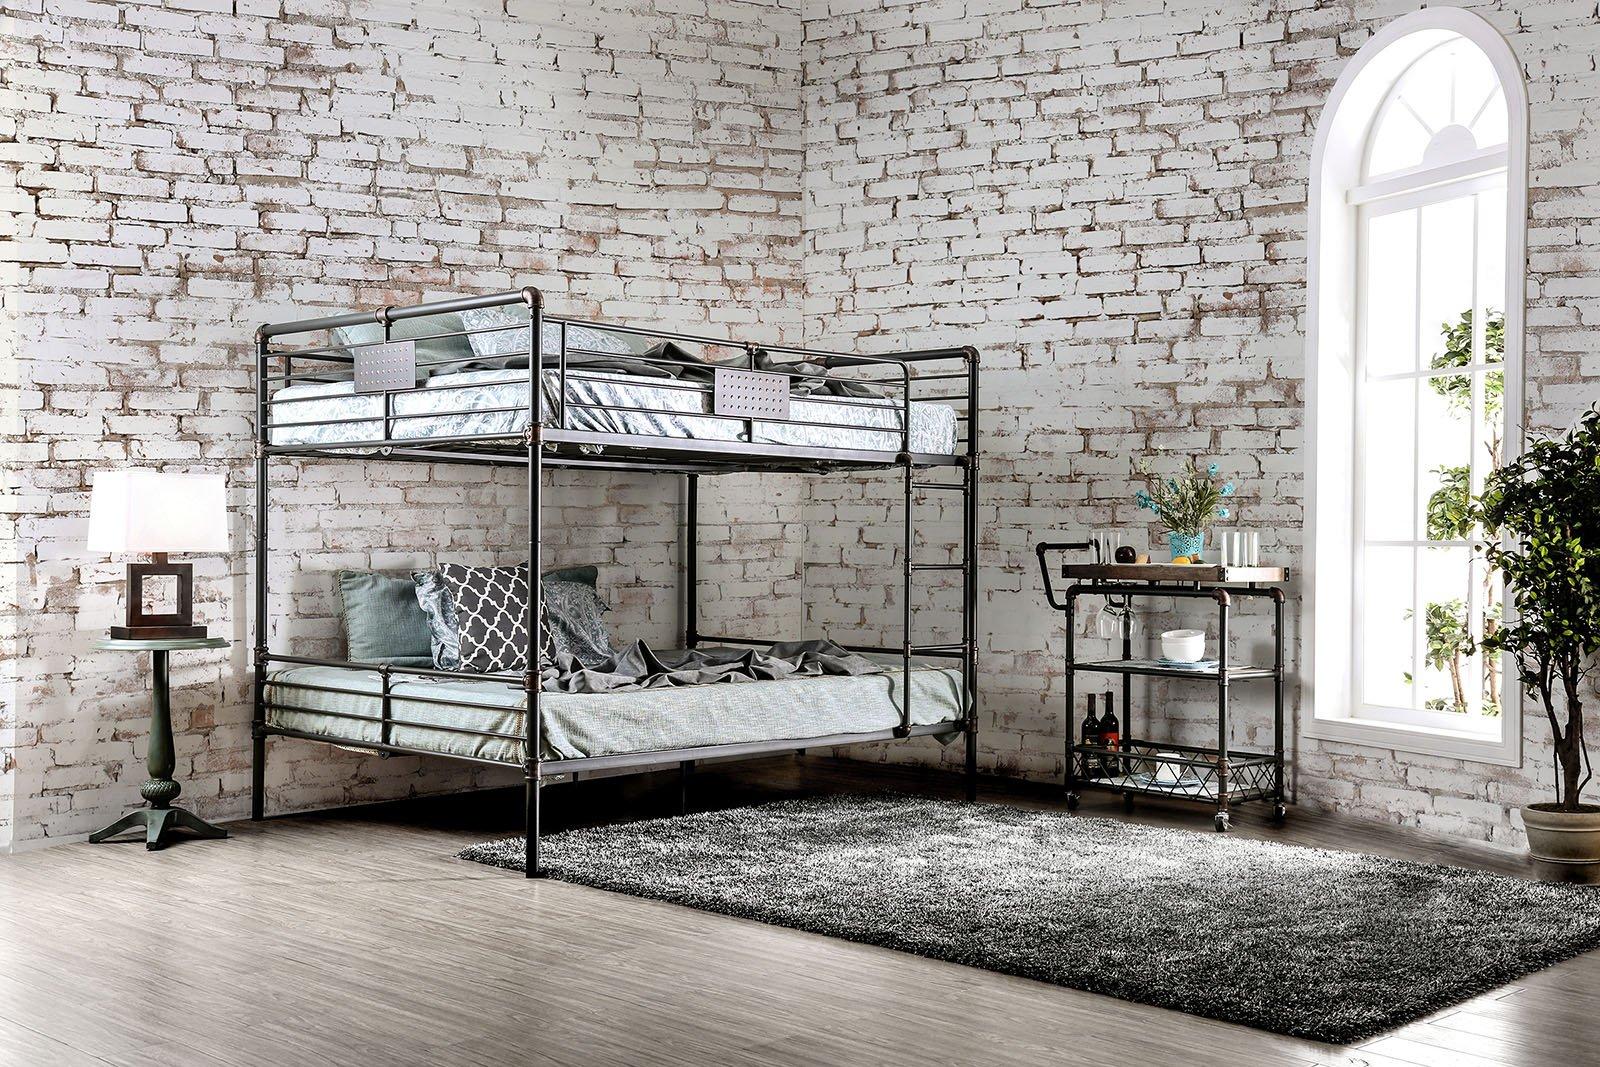 Двухъярусная кровать из металлических труб